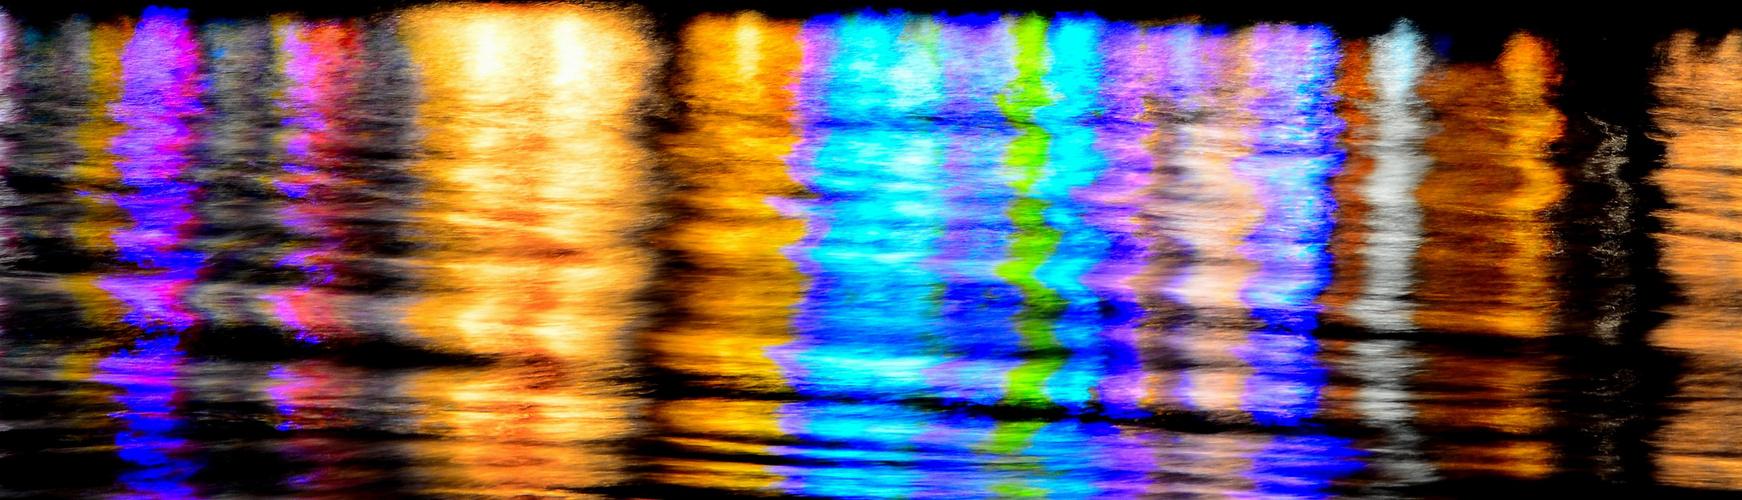 Wasserspiegelung einer Kirmes